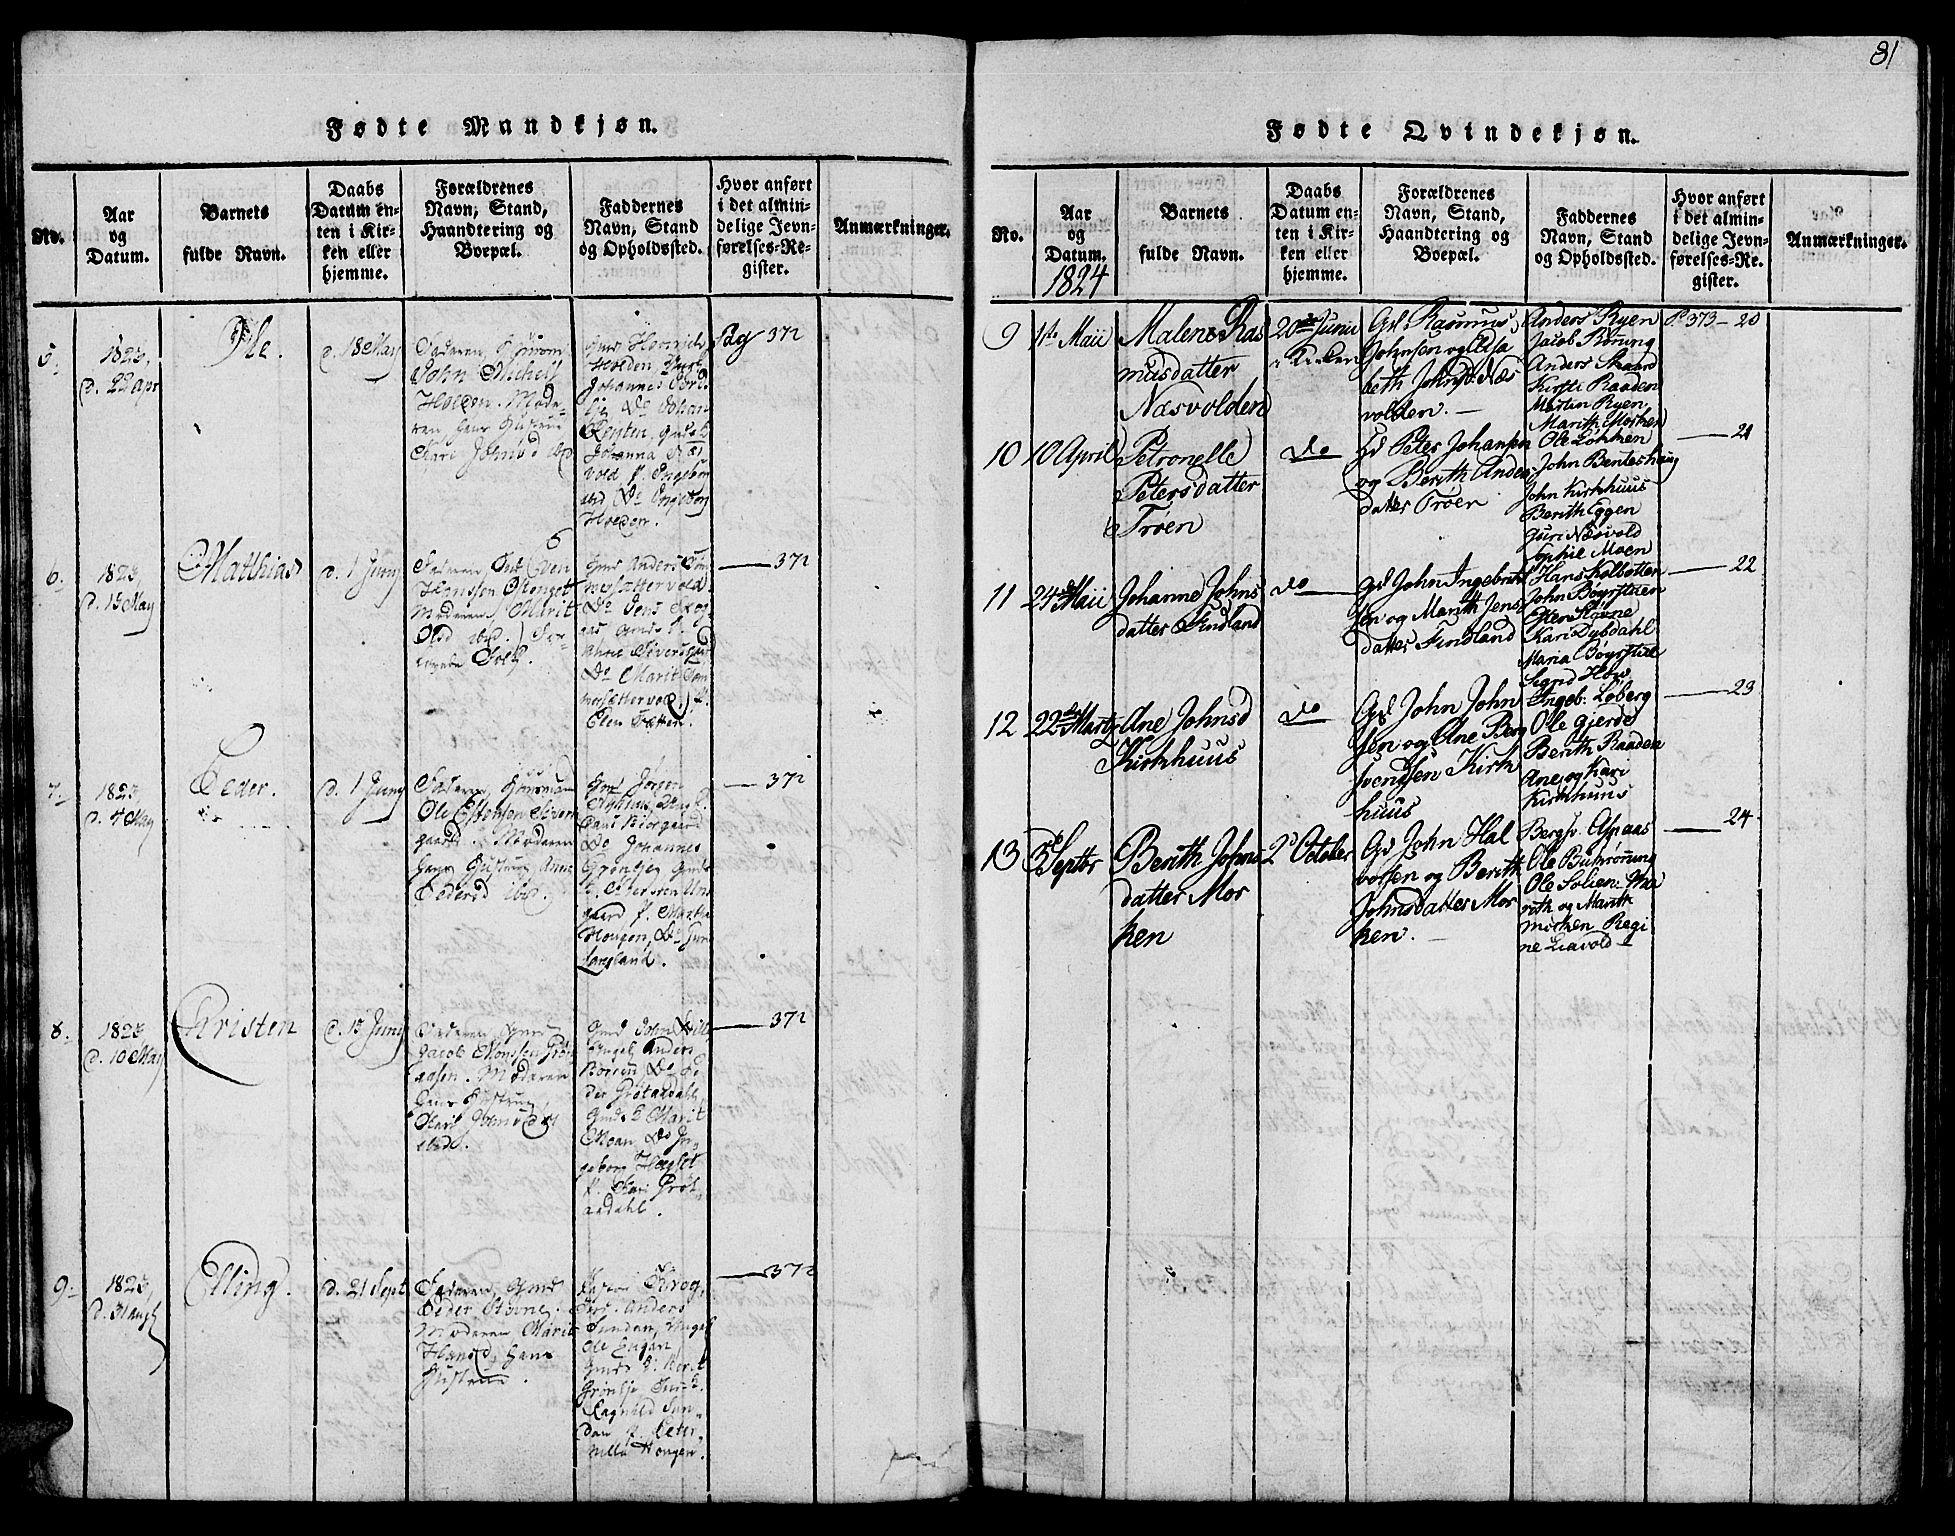 SAT, Ministerialprotokoller, klokkerbøker og fødselsregistre - Sør-Trøndelag, 685/L0956: Ministerialbok nr. 685A03 /3, 1817-1829, s. 81